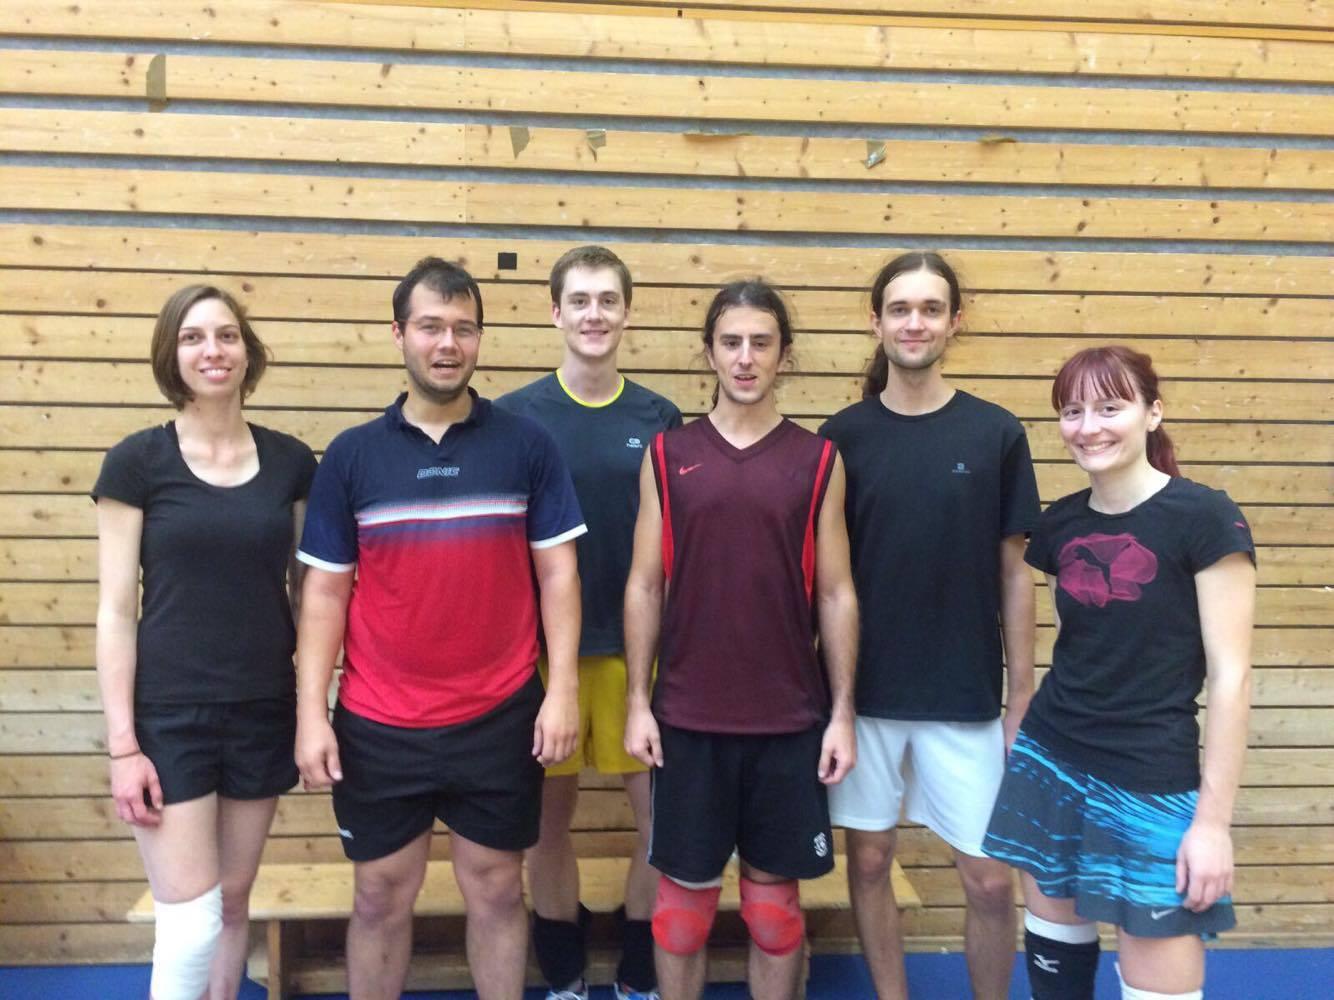 2. místo: Volejbalová grupa